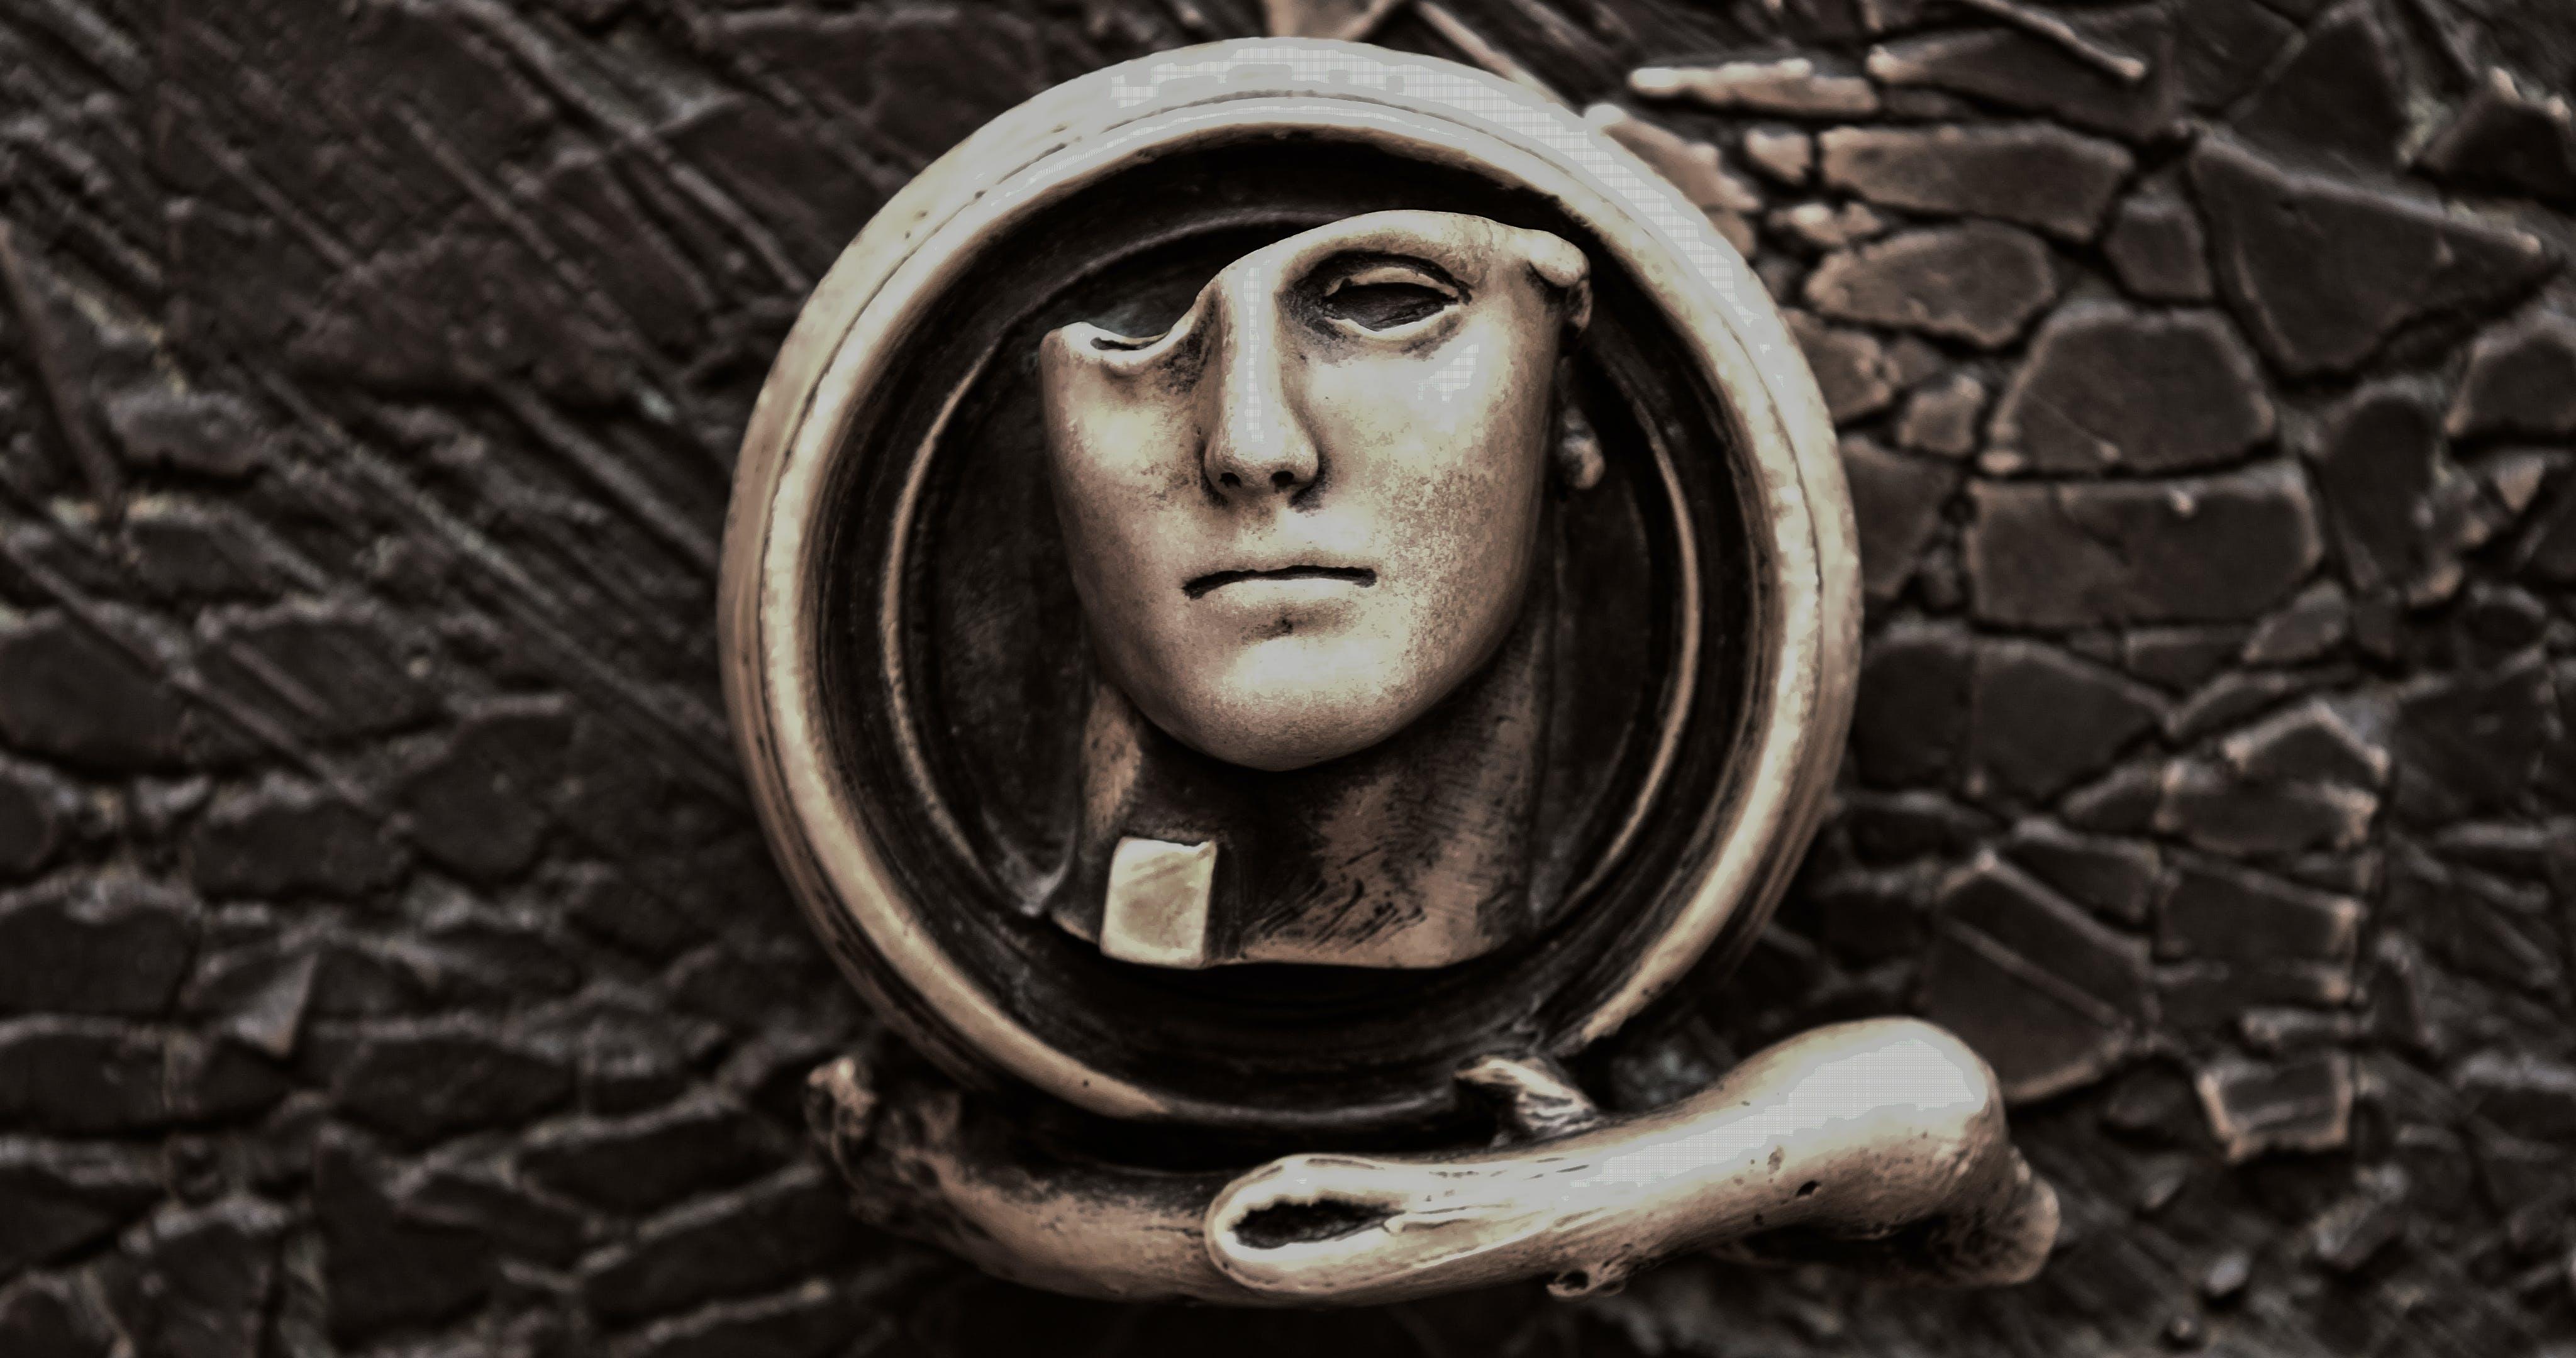 Free stock photo of door knob, sculpture